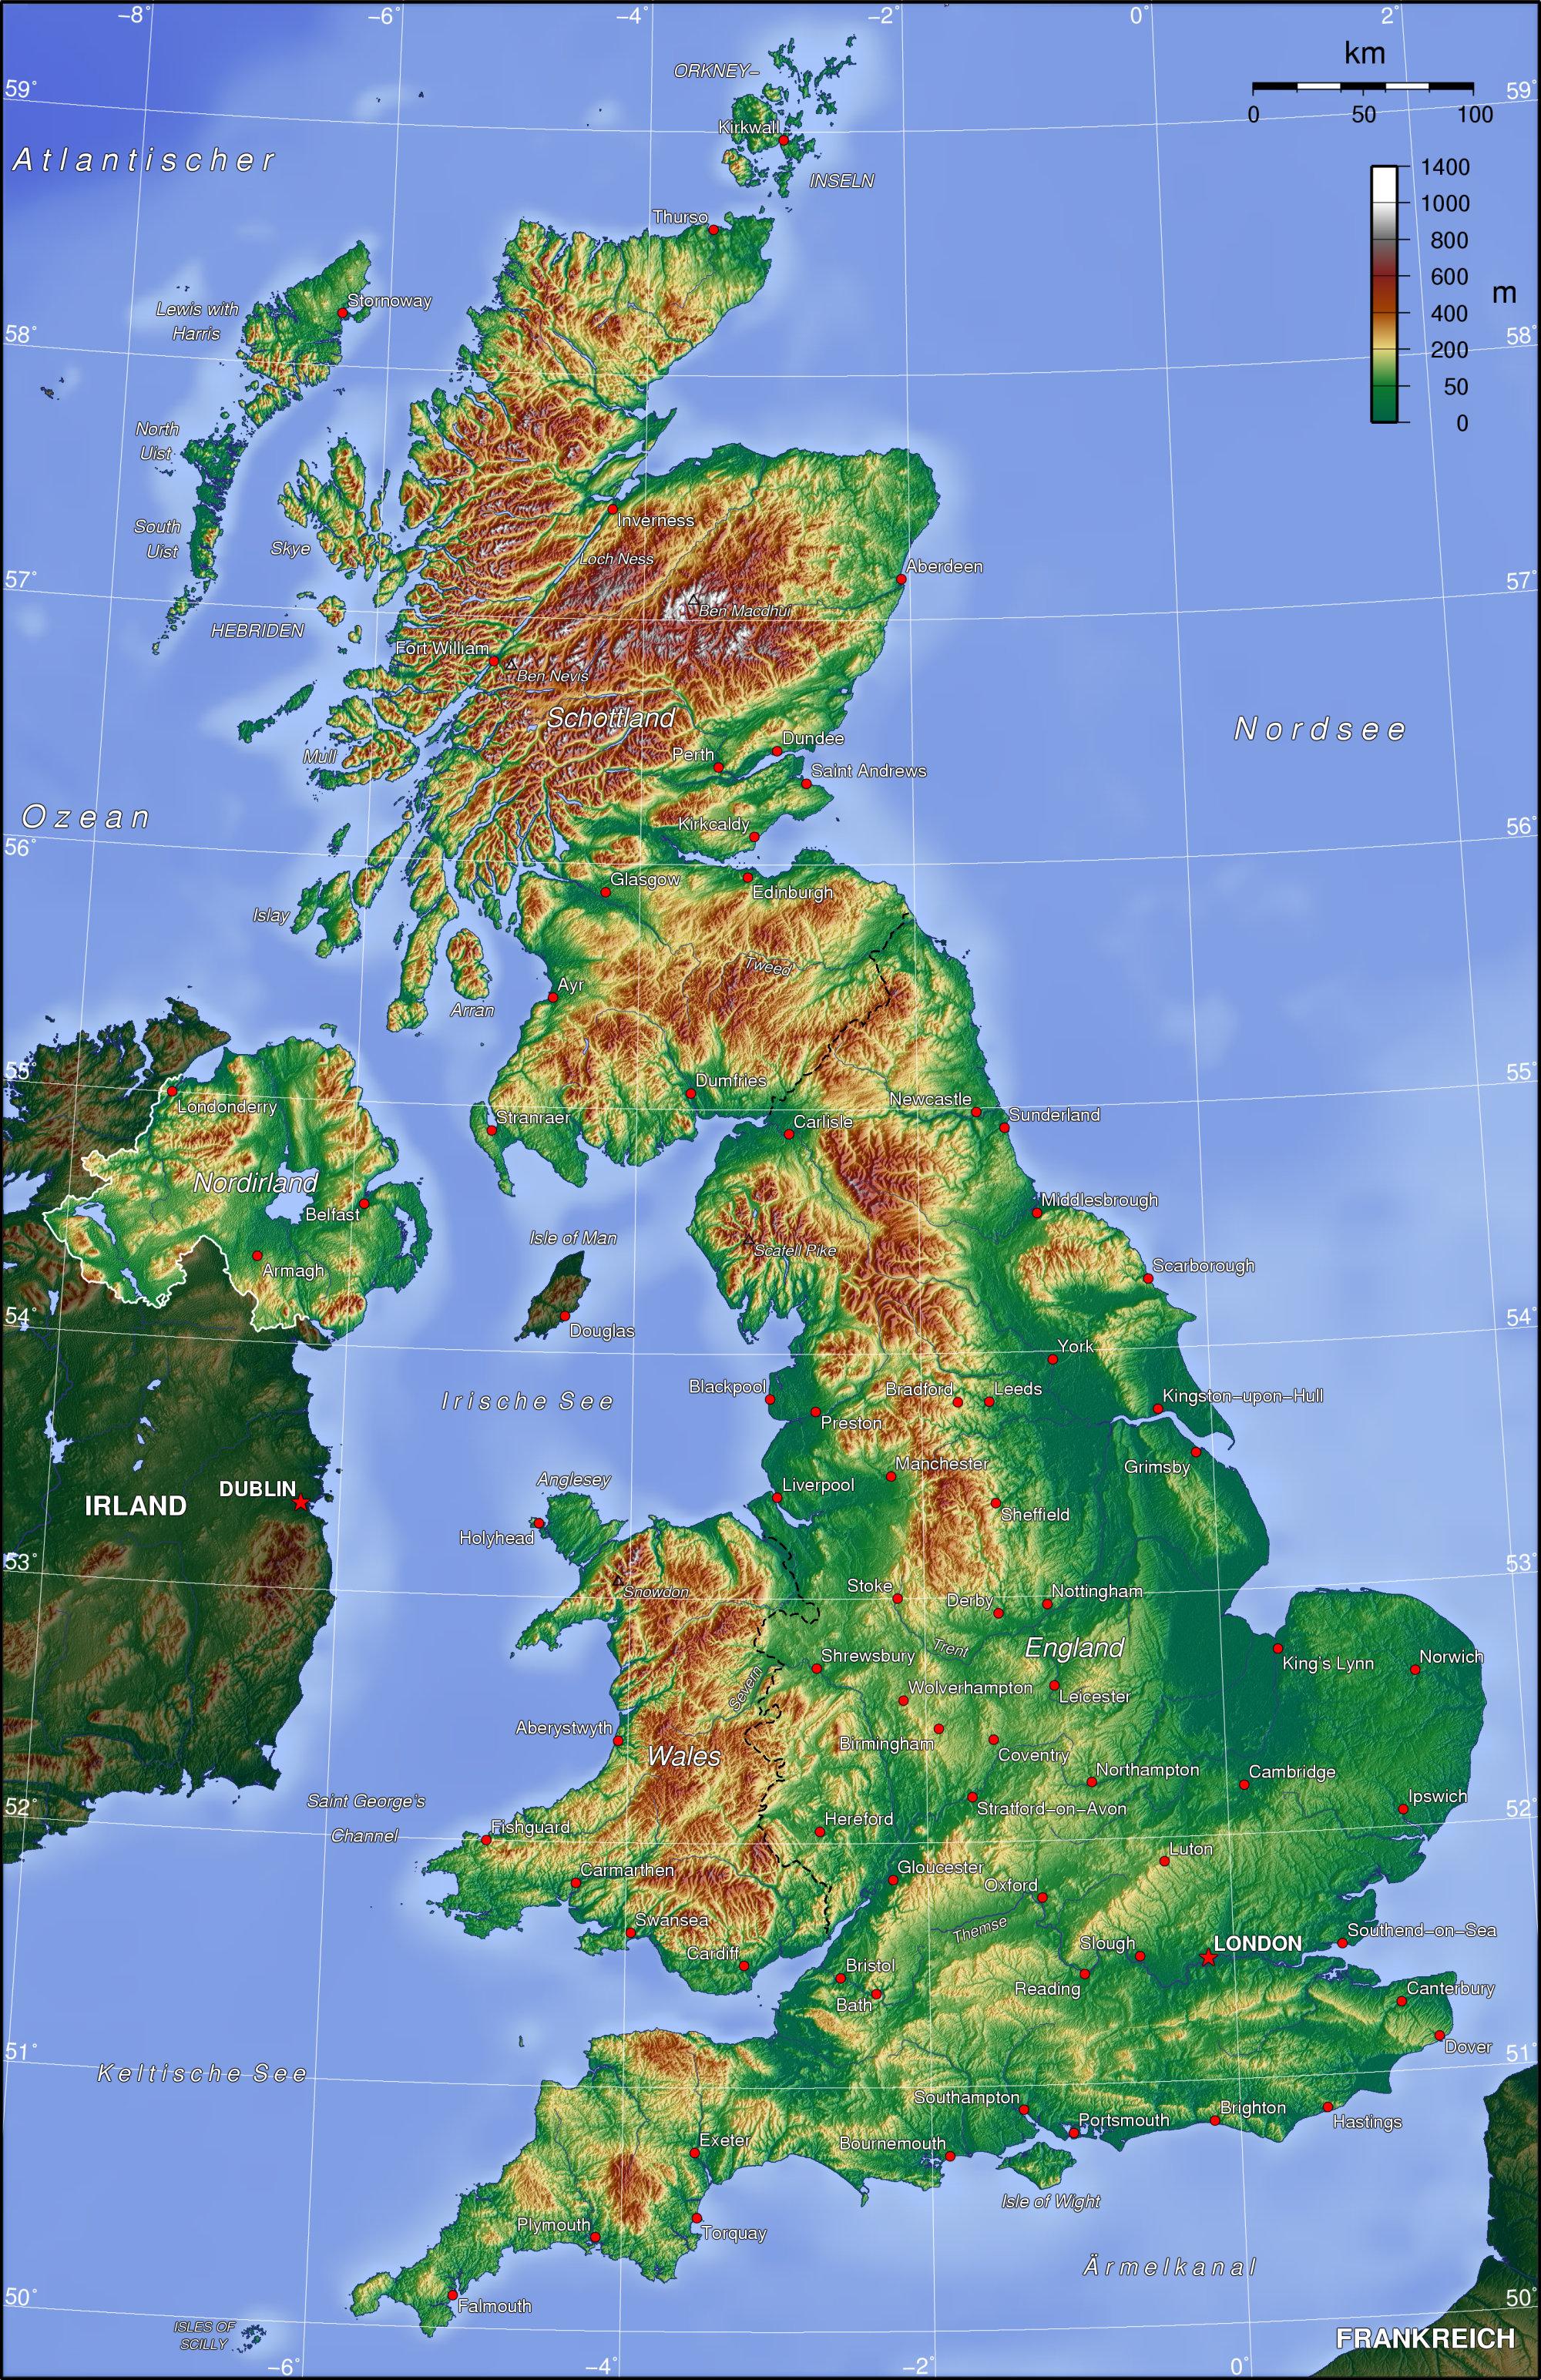 Landkarte England Topographische Karte Weltkarte Com Karten